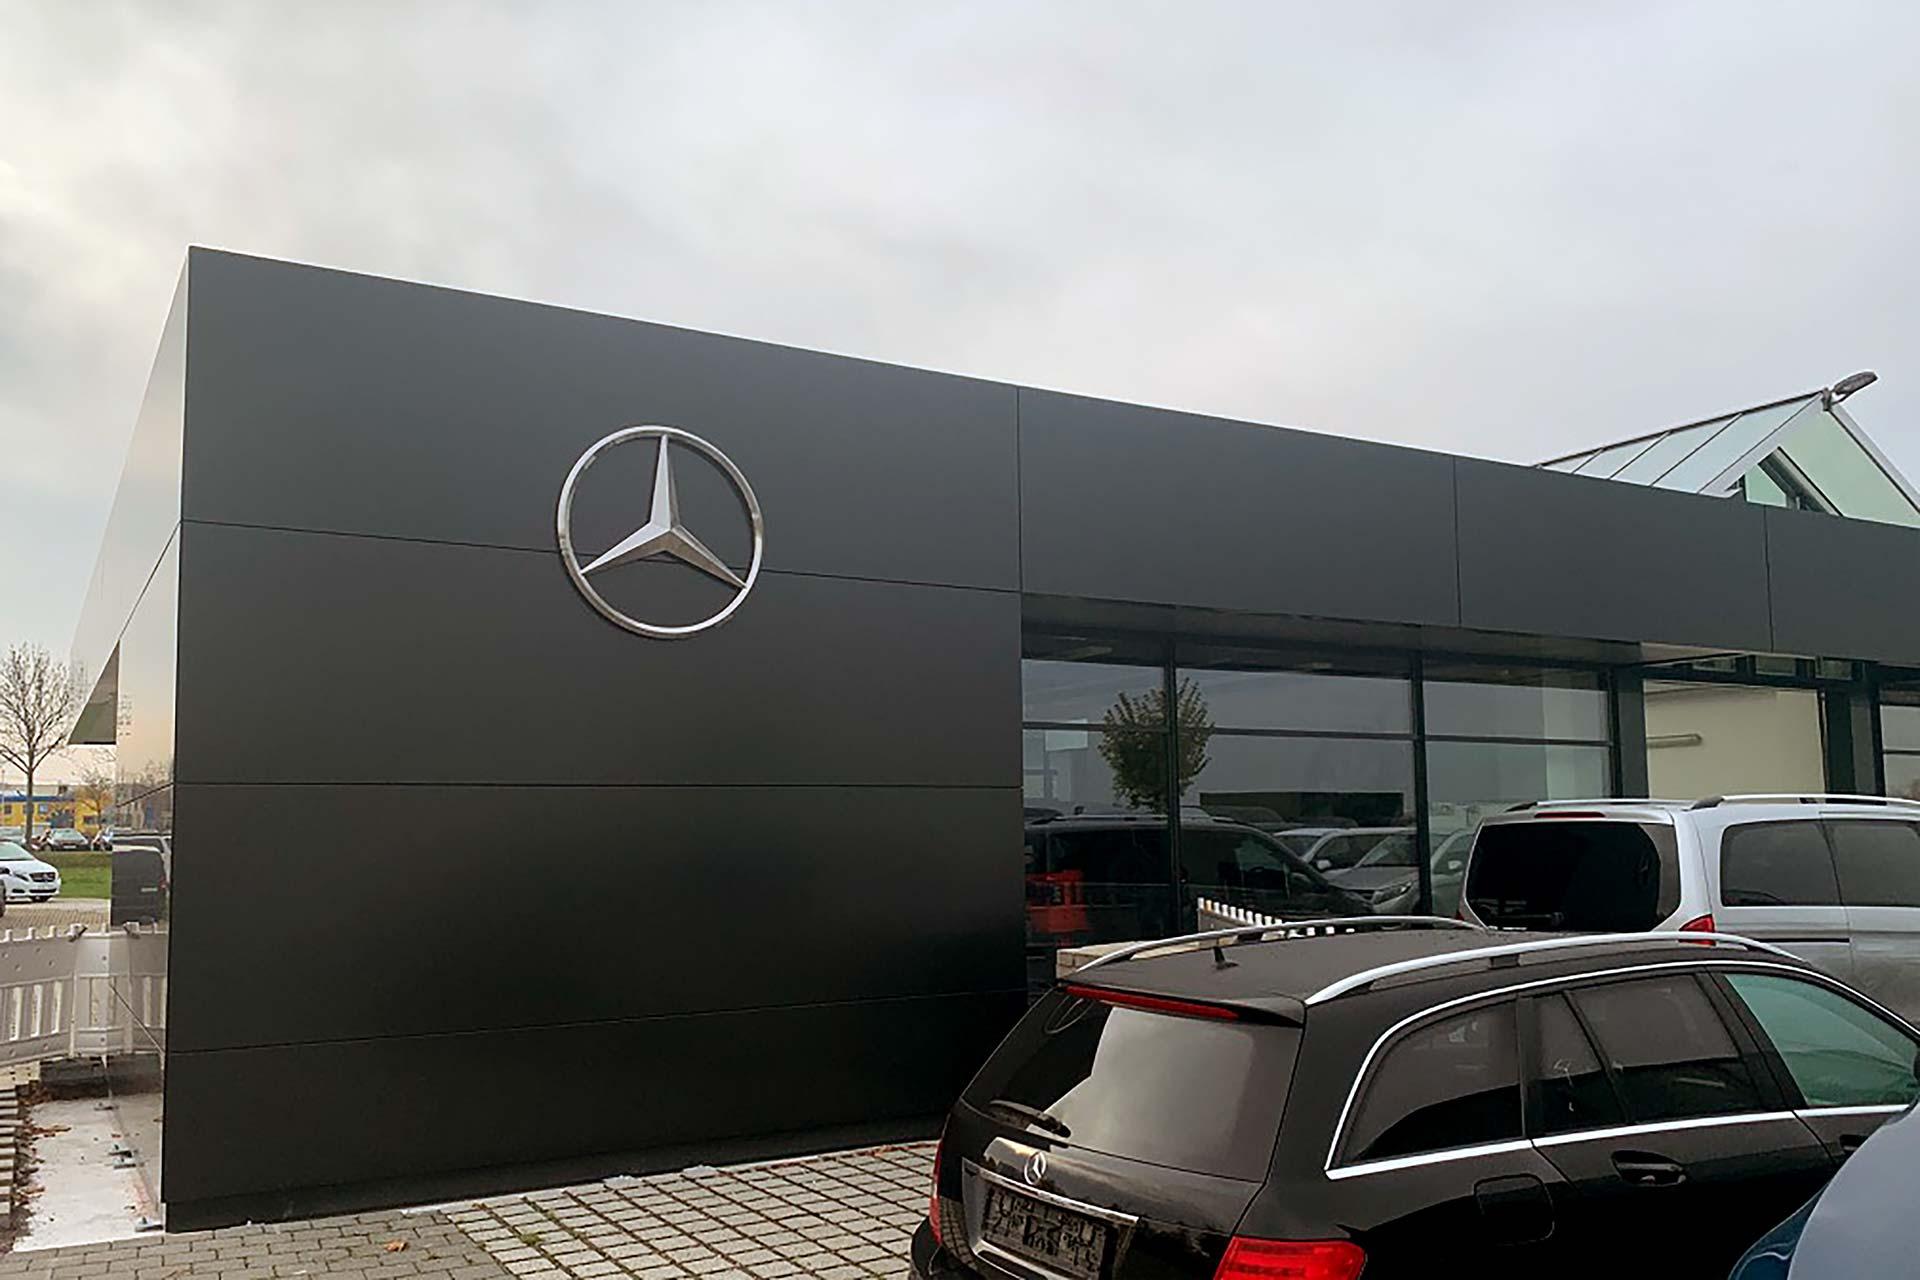 Mercedes-Benz-Autohaus in Chemnitz (2019)